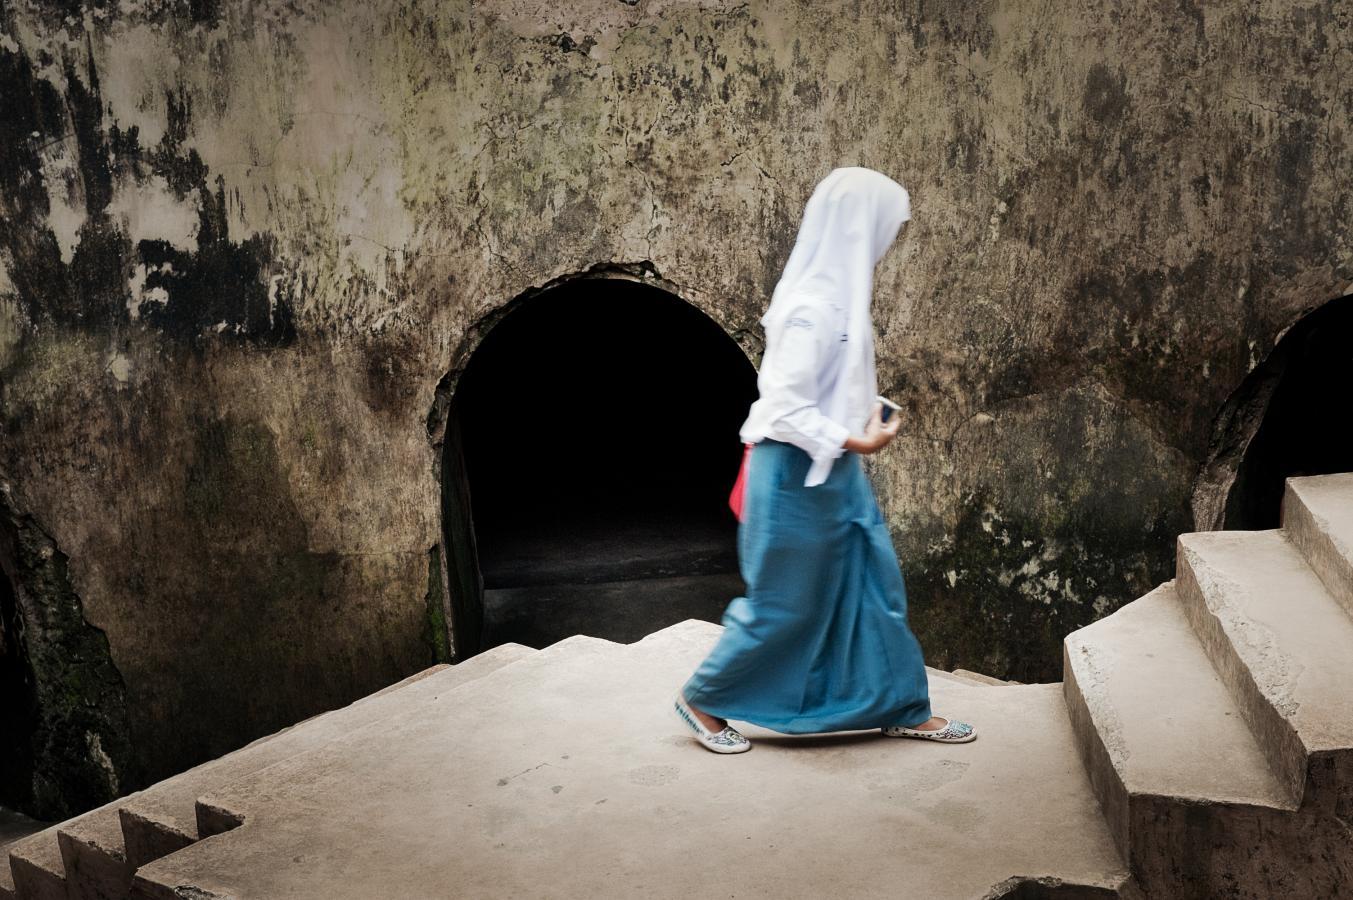 underground-mosque-'taman-sari'-yogyakarta-java-2010